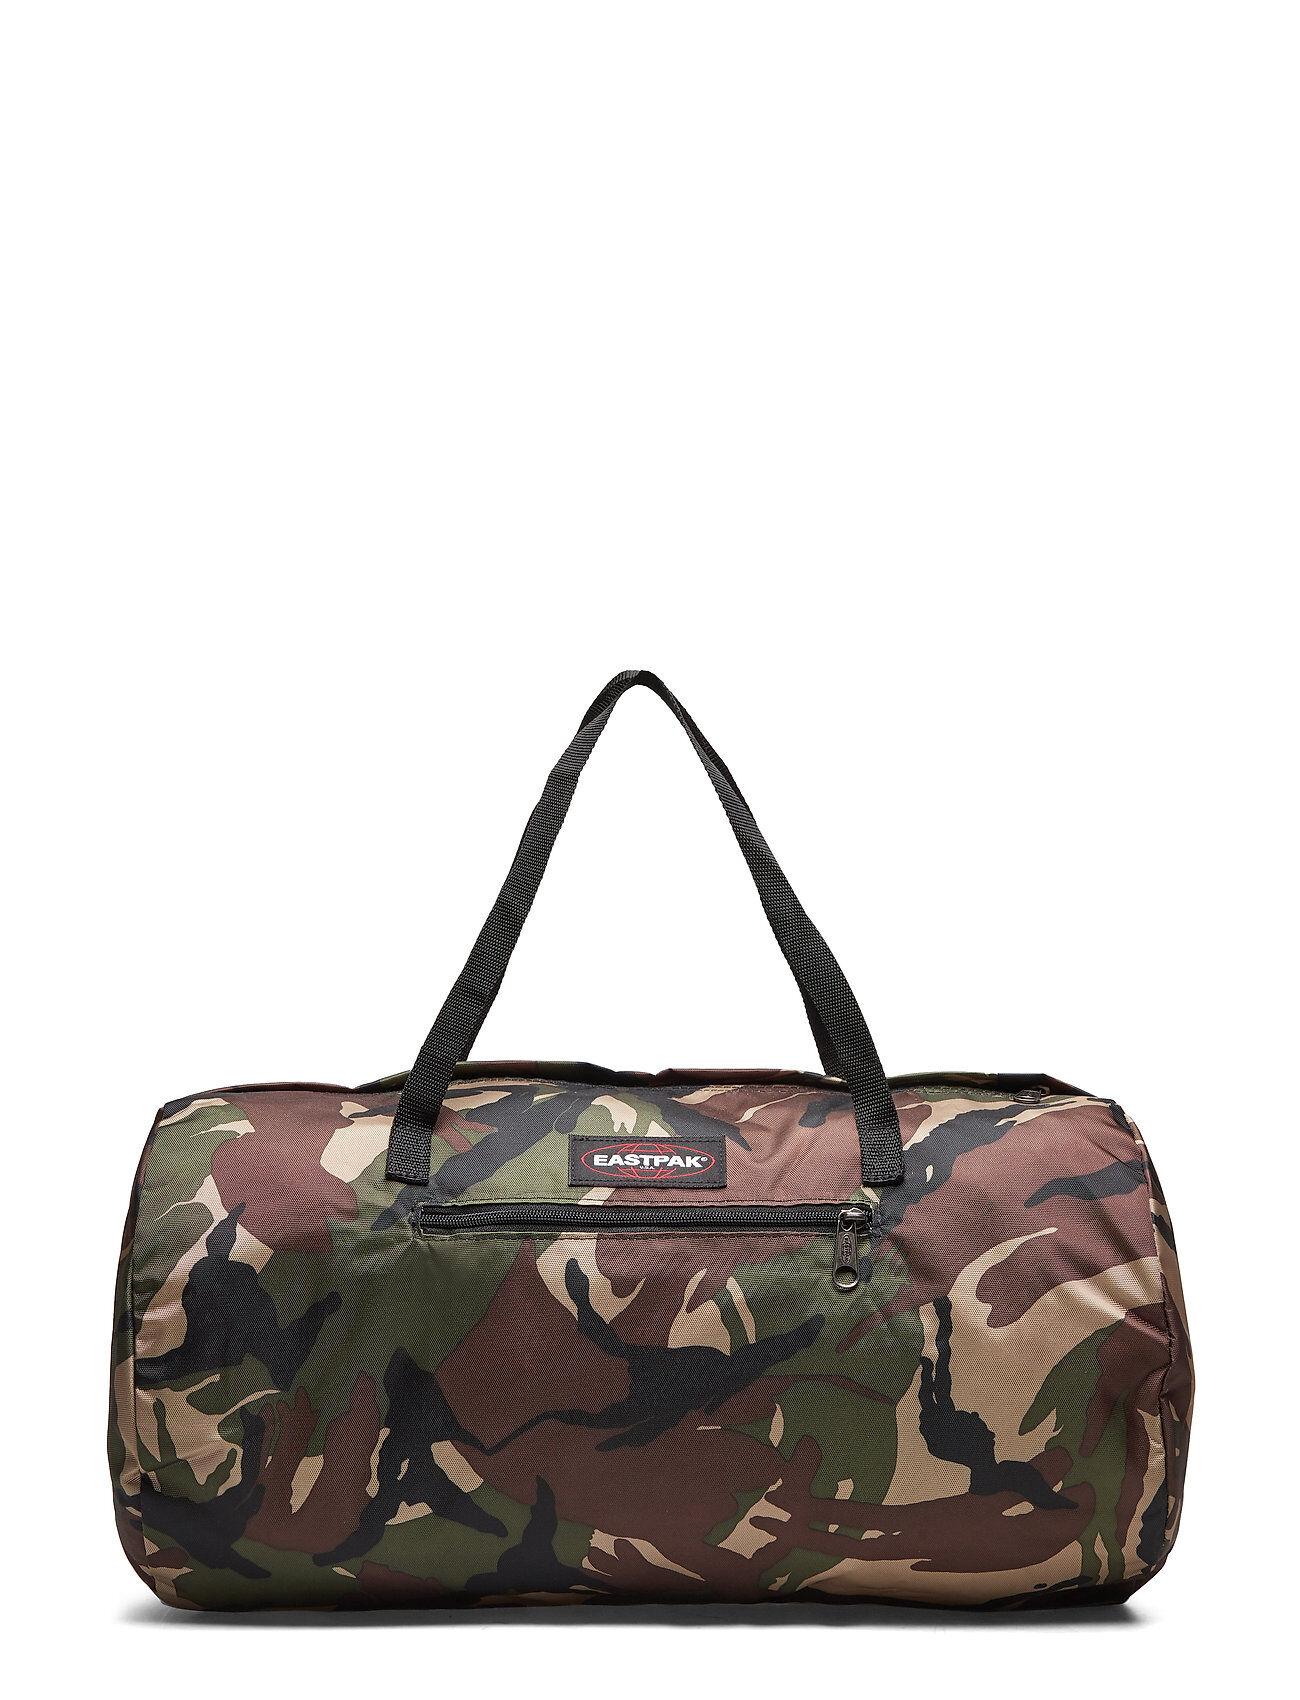 Image of Eastpak Renana Instant Bags Weekend & Gym Bags Vihreä Eastpak